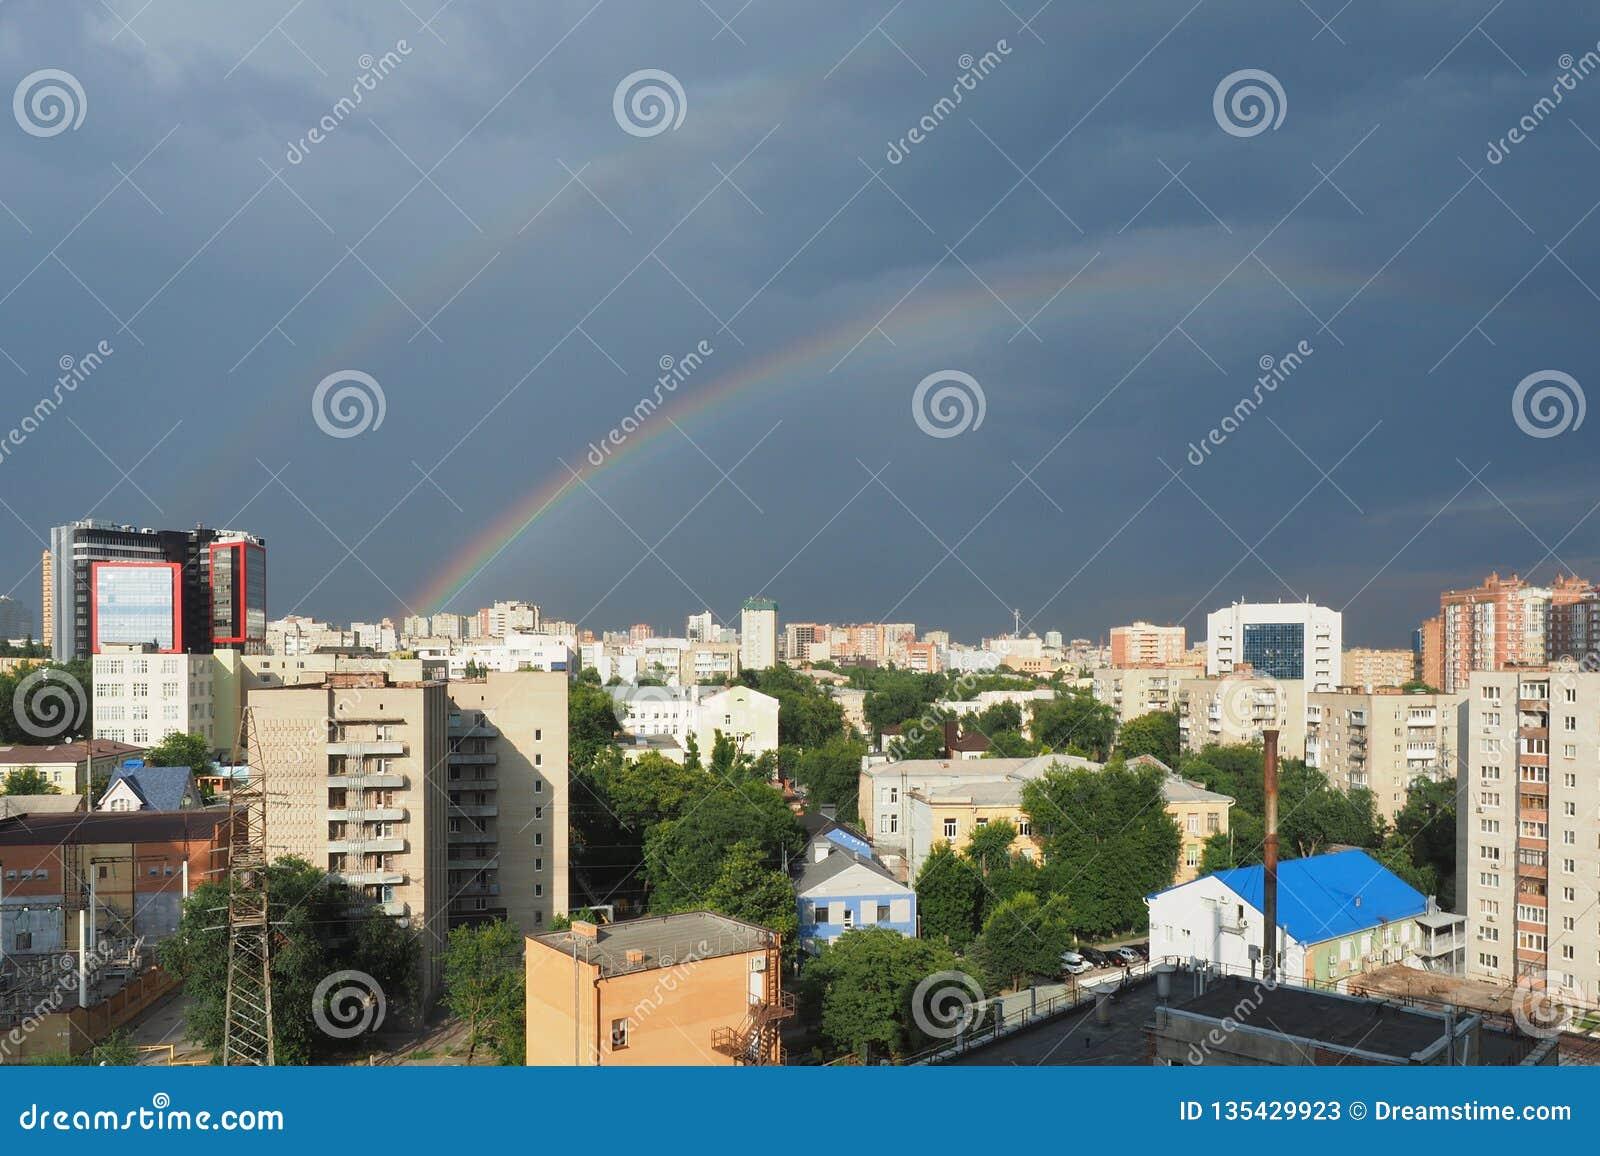 Stadsgebouwen op de achtergrond van zwarte hemel met regenboog